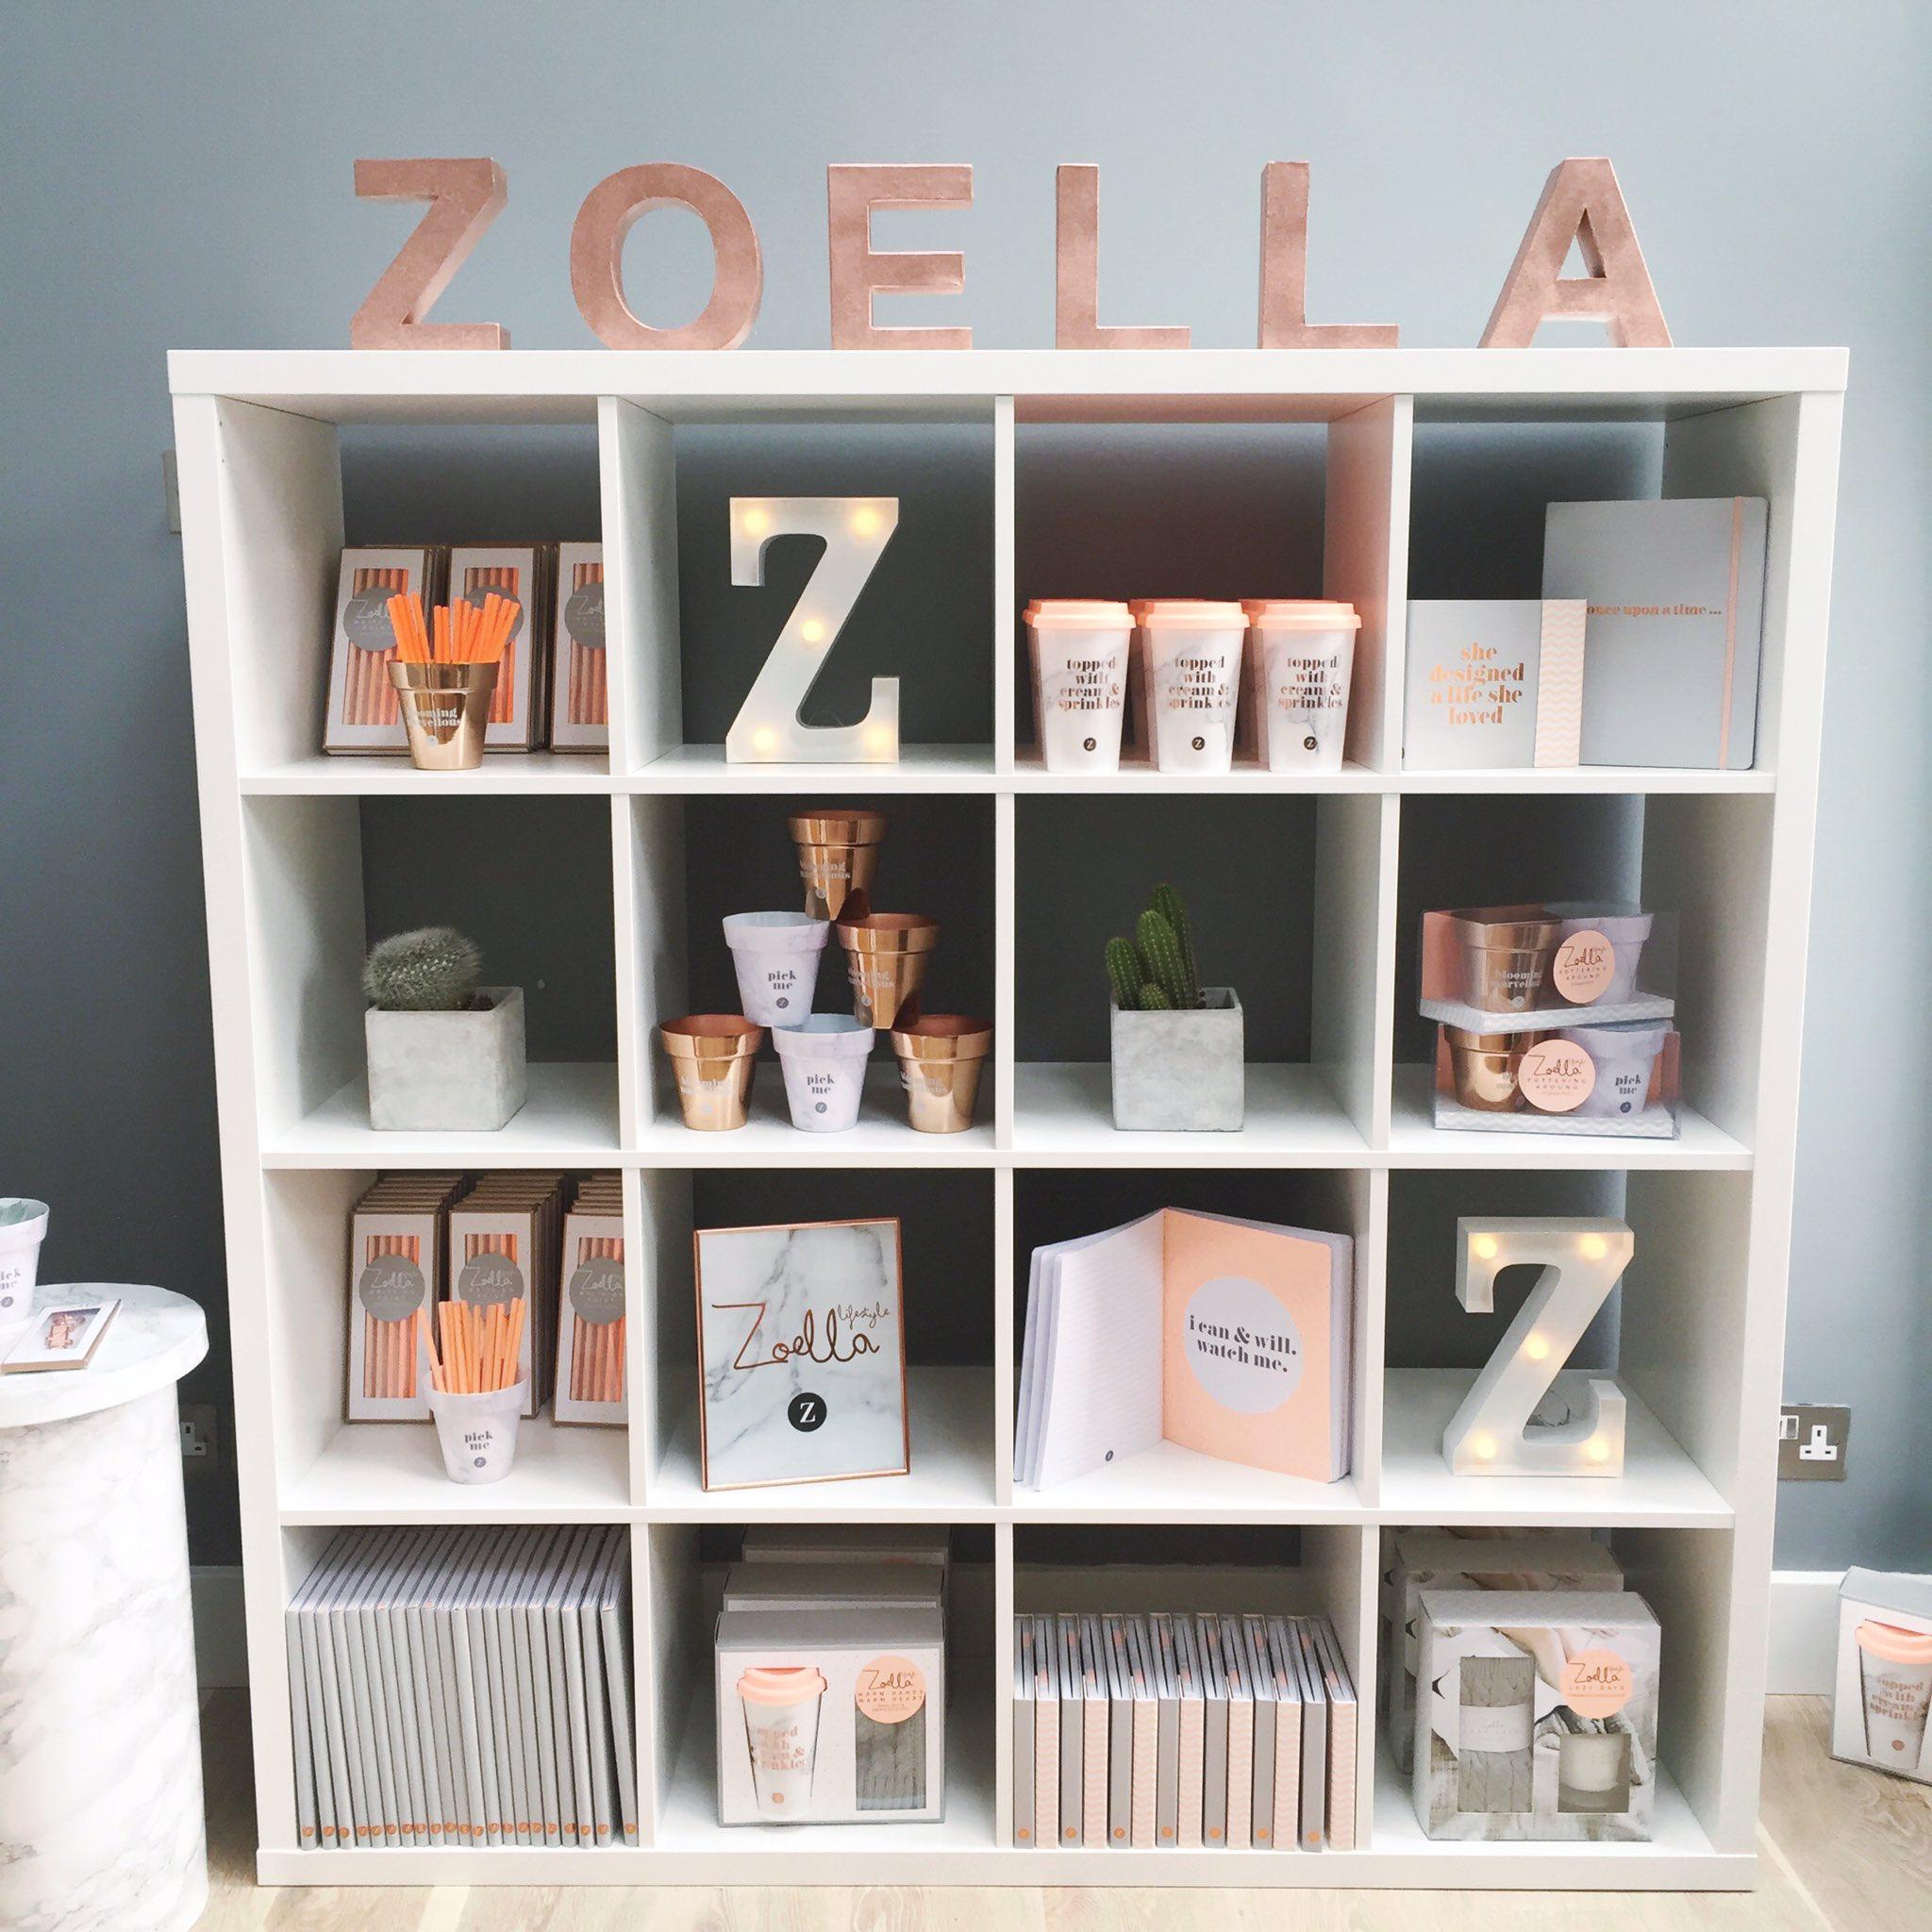 Zoella Zoella Lifestyle Interior Design